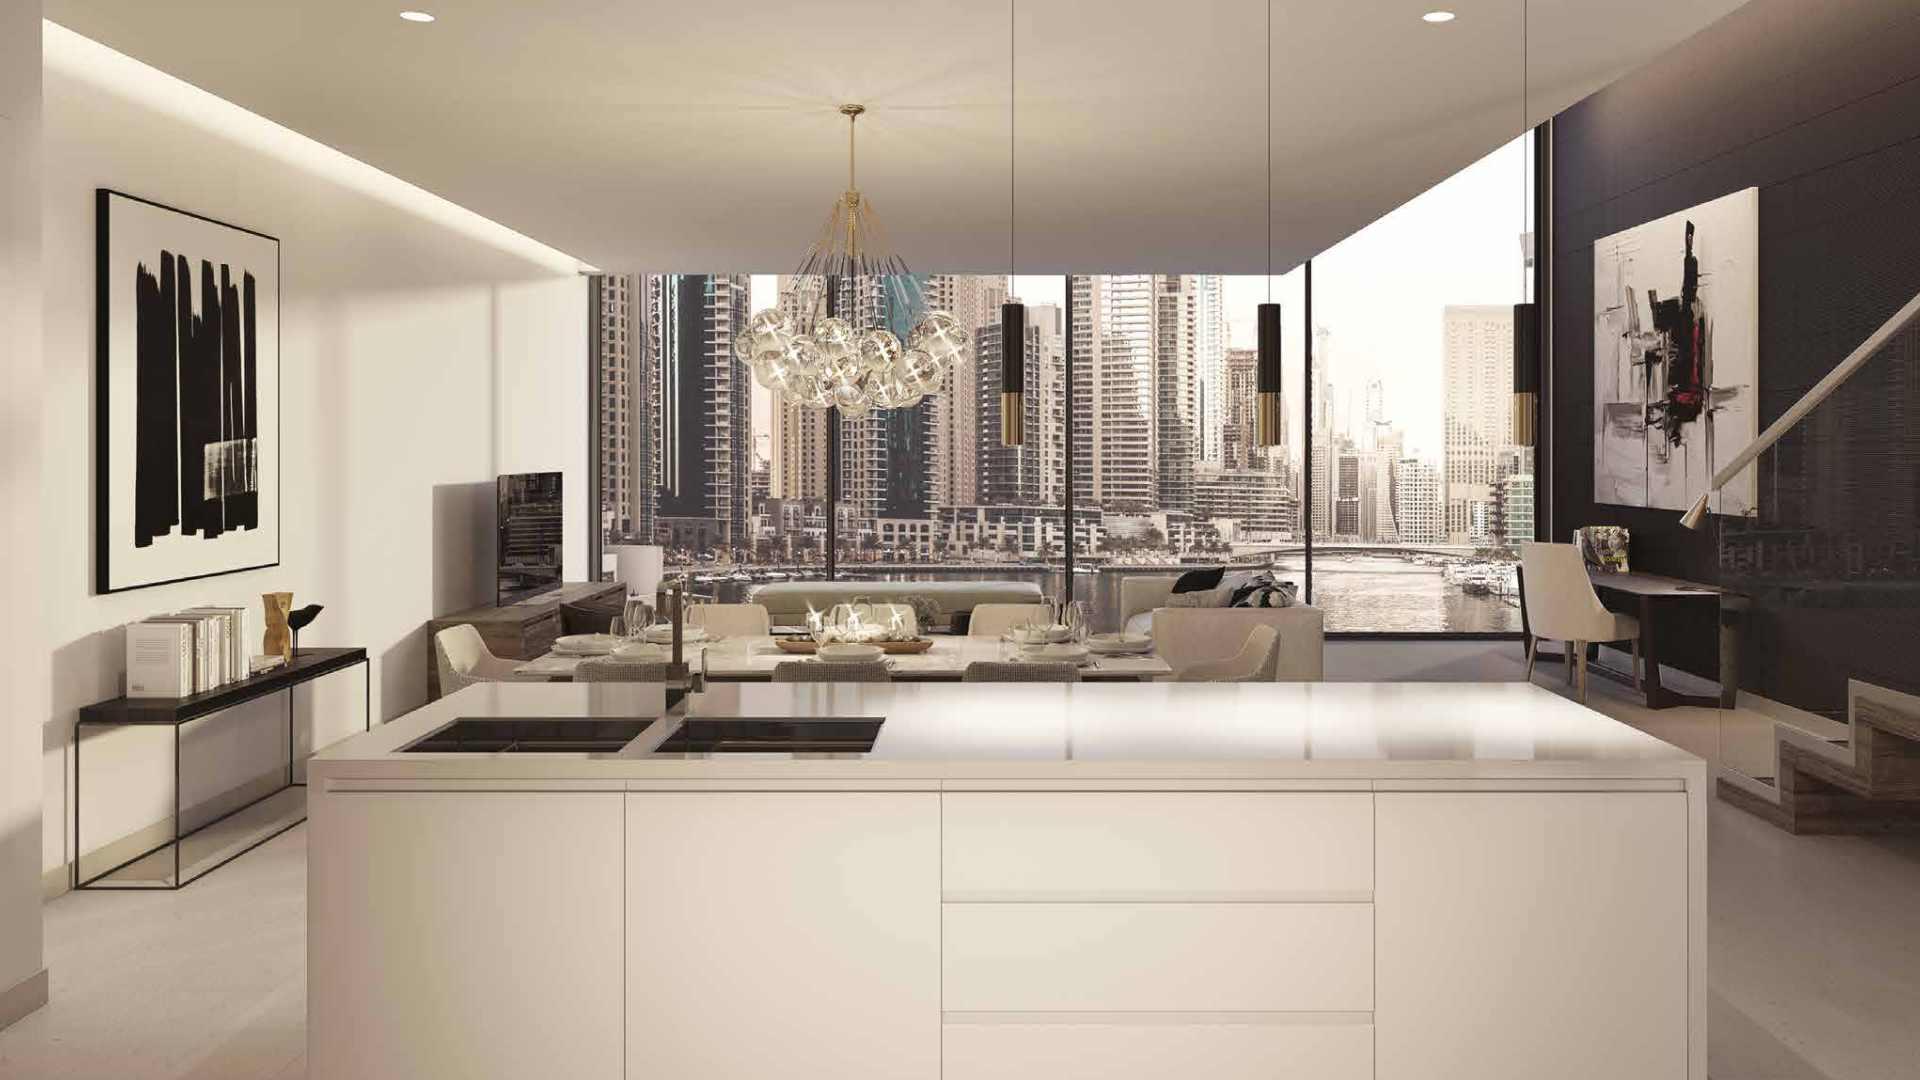 Apartamento en venta en Dubai, EAU, 3 dormitorios, 198 m2, № 24240 – foto 1